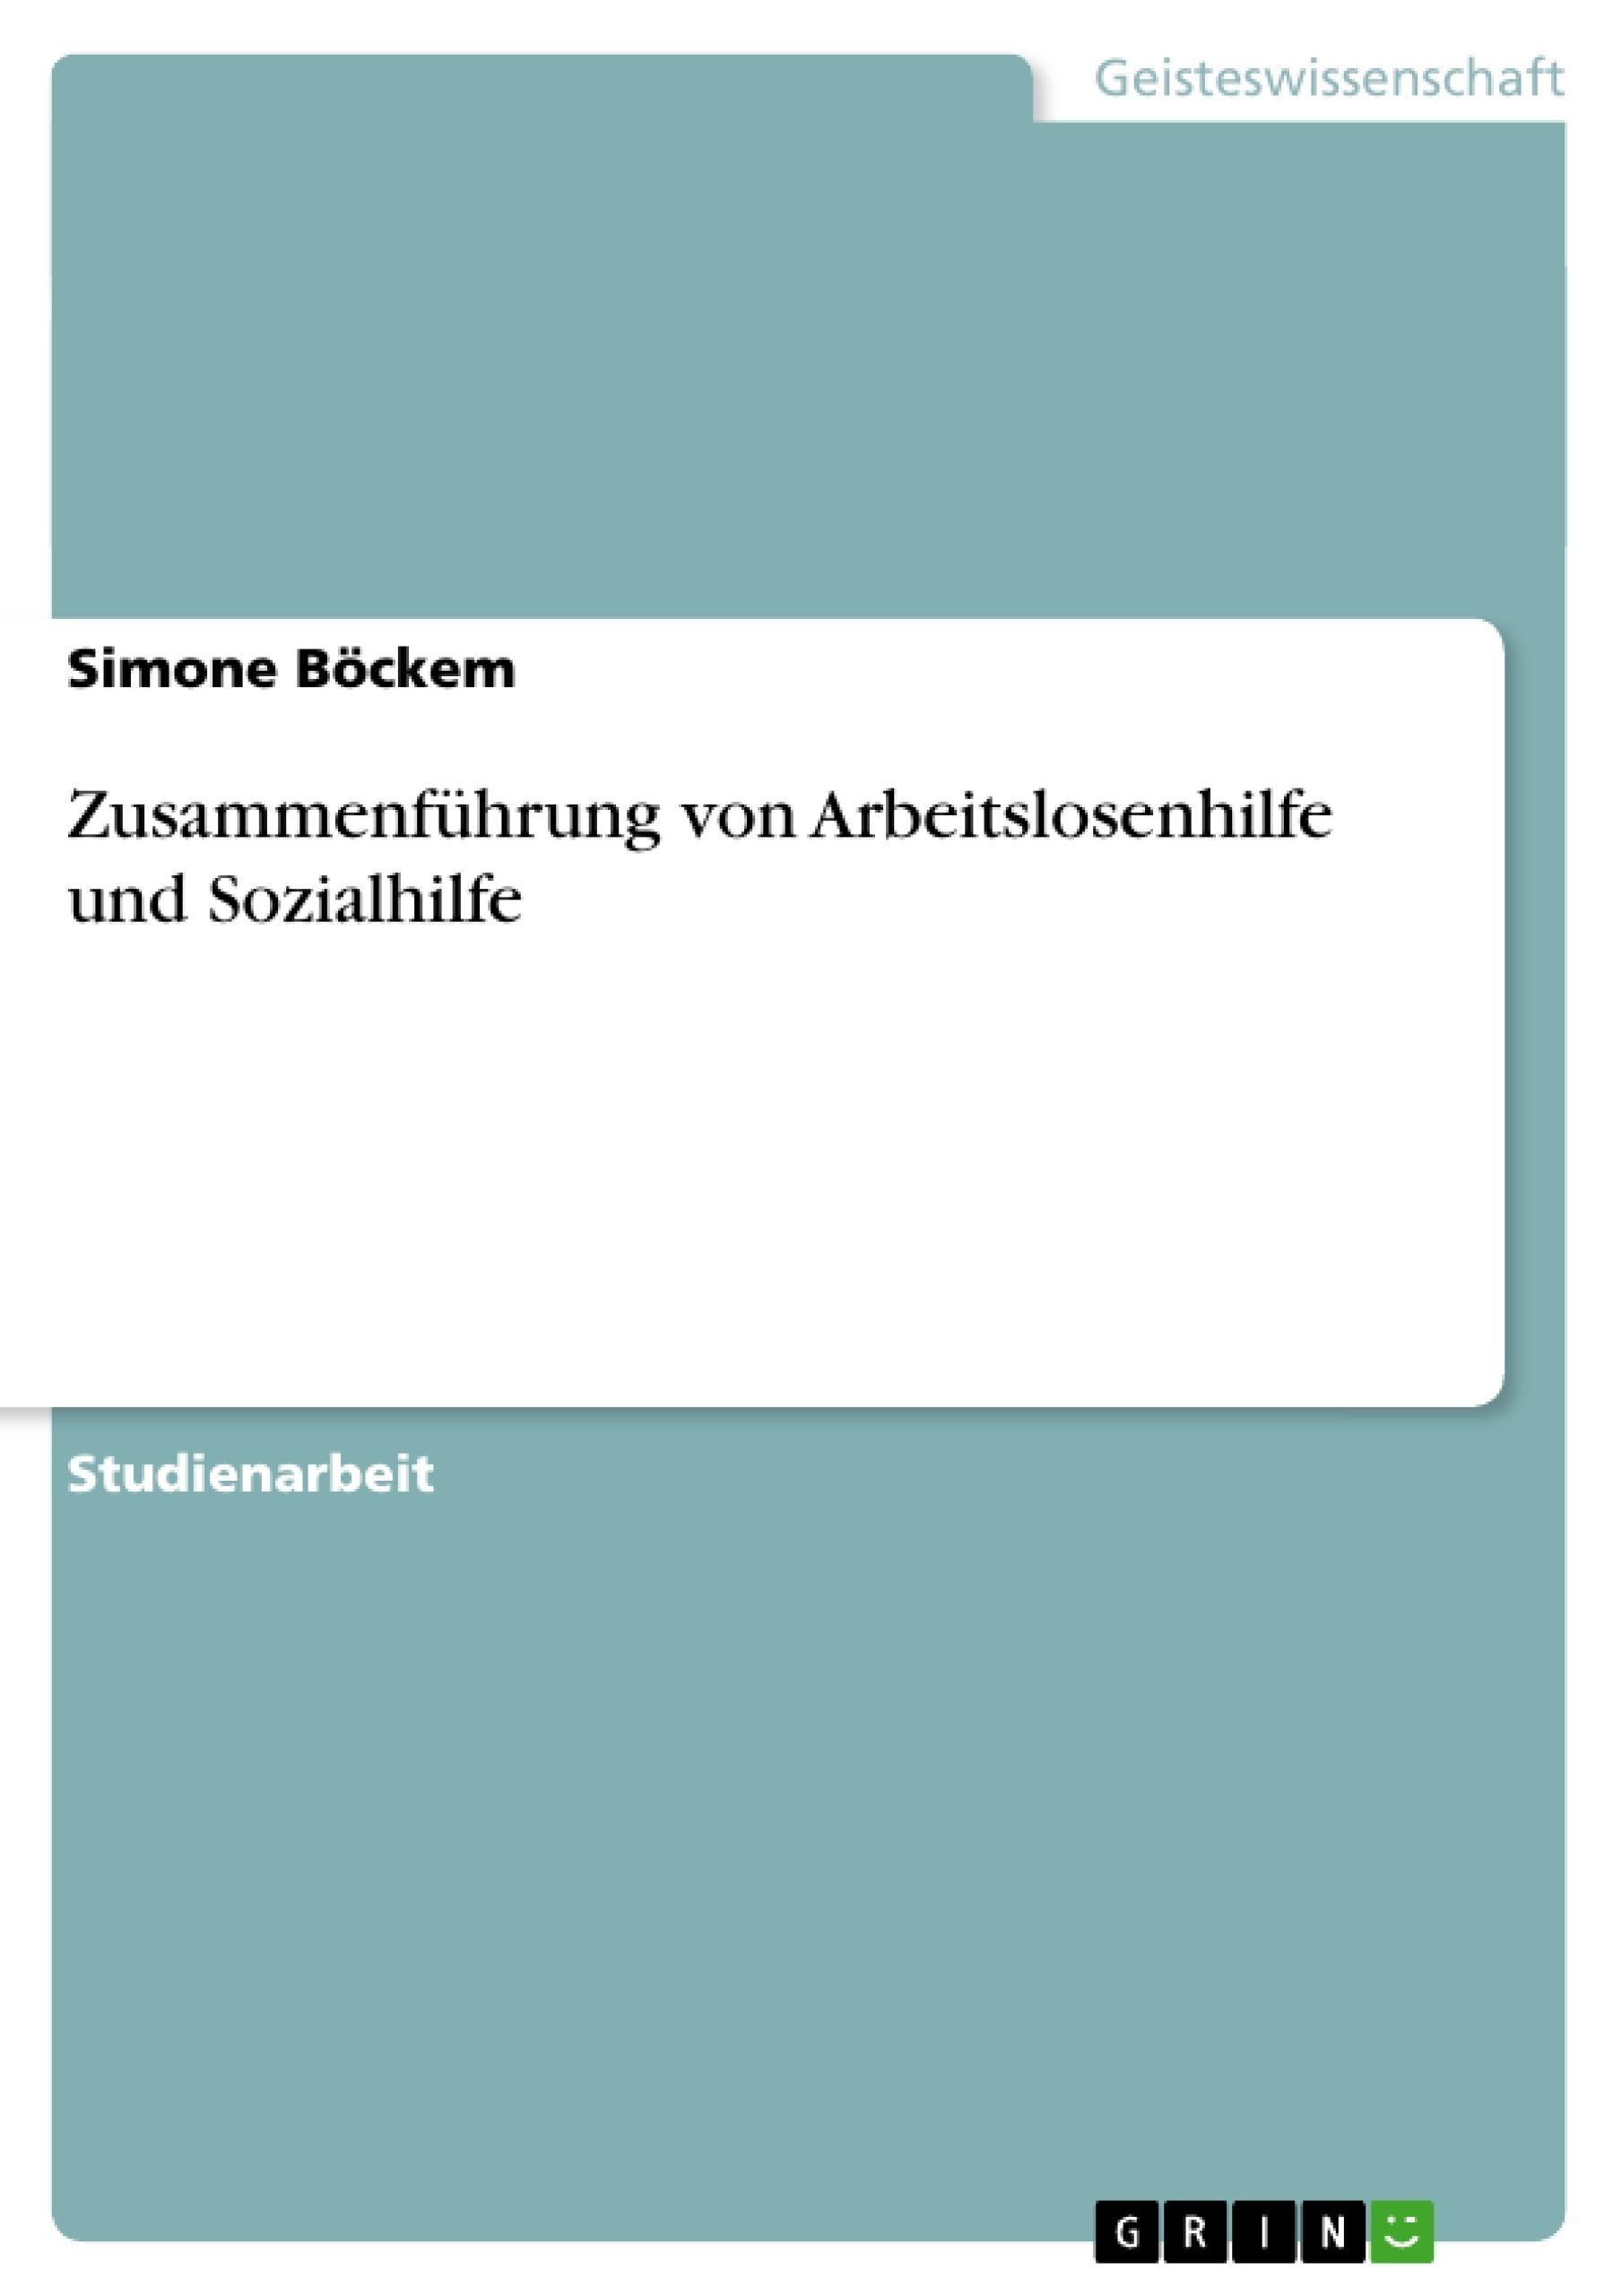 Titel: Zusammenführung von Arbeitslosenhilfe und Sozialhilfe